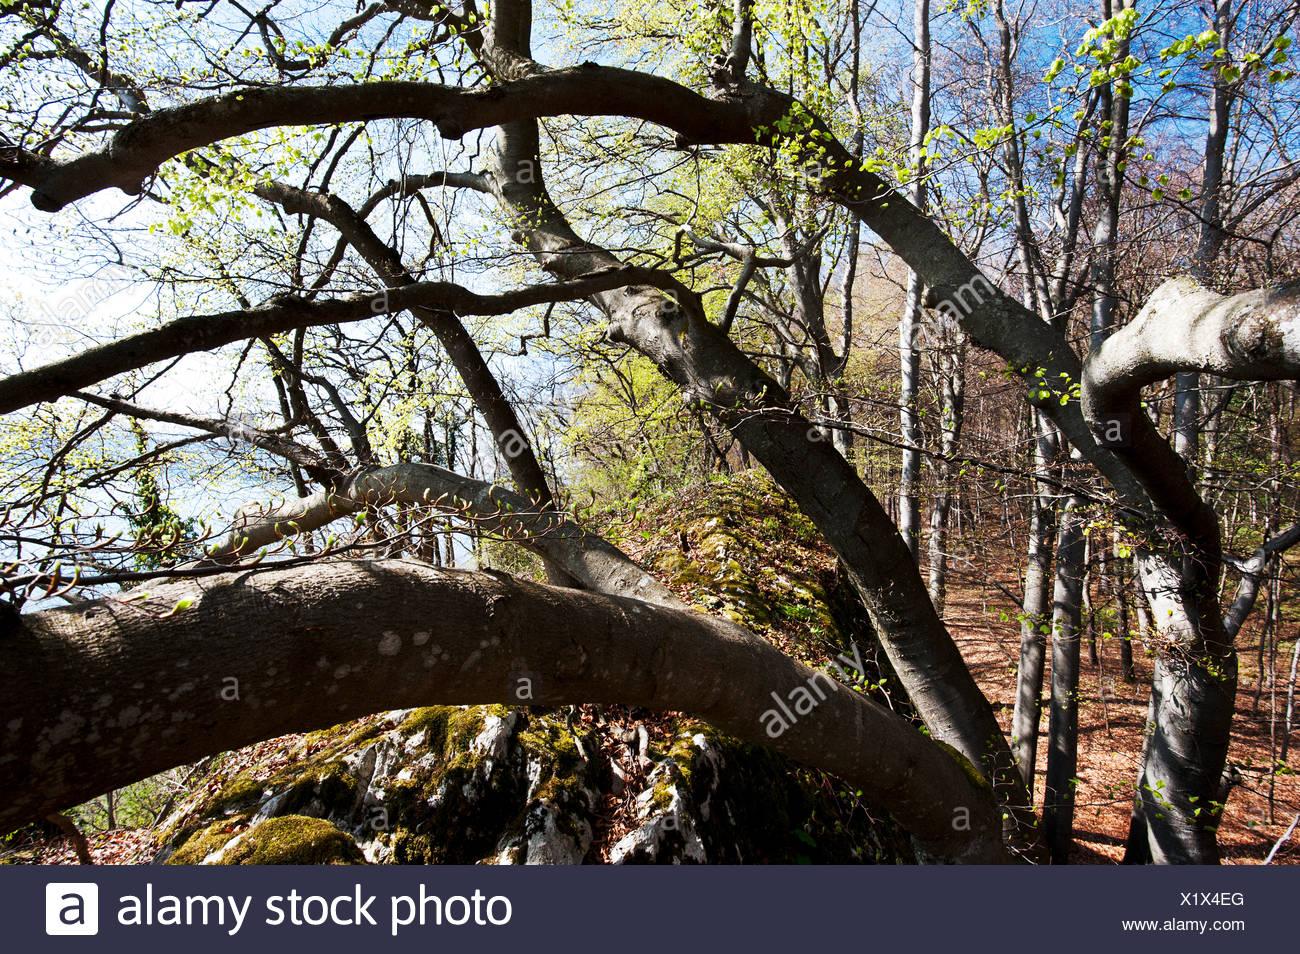 beech, beech forest, Fagus, Fagus silvatica, spring, Jura, canton Bern, nature, natural forest, forest reserve, Schlossflue, Swi - Stock Image